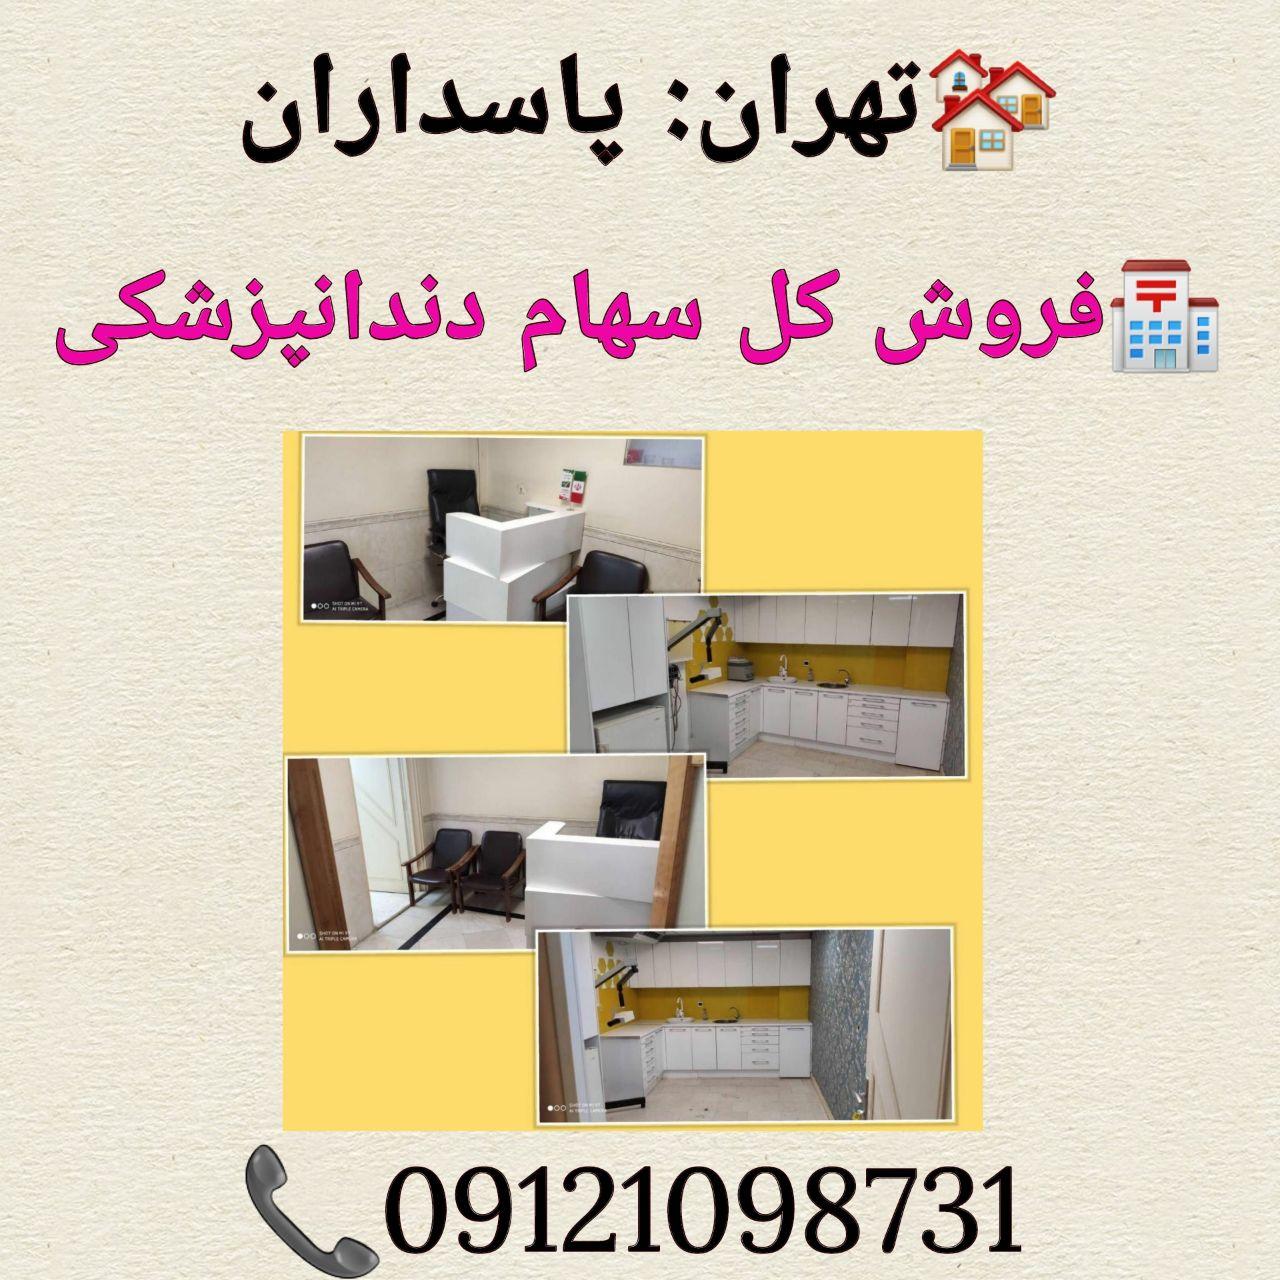 تهران: پاسداران، فروش کل سهام دندانپزشکی